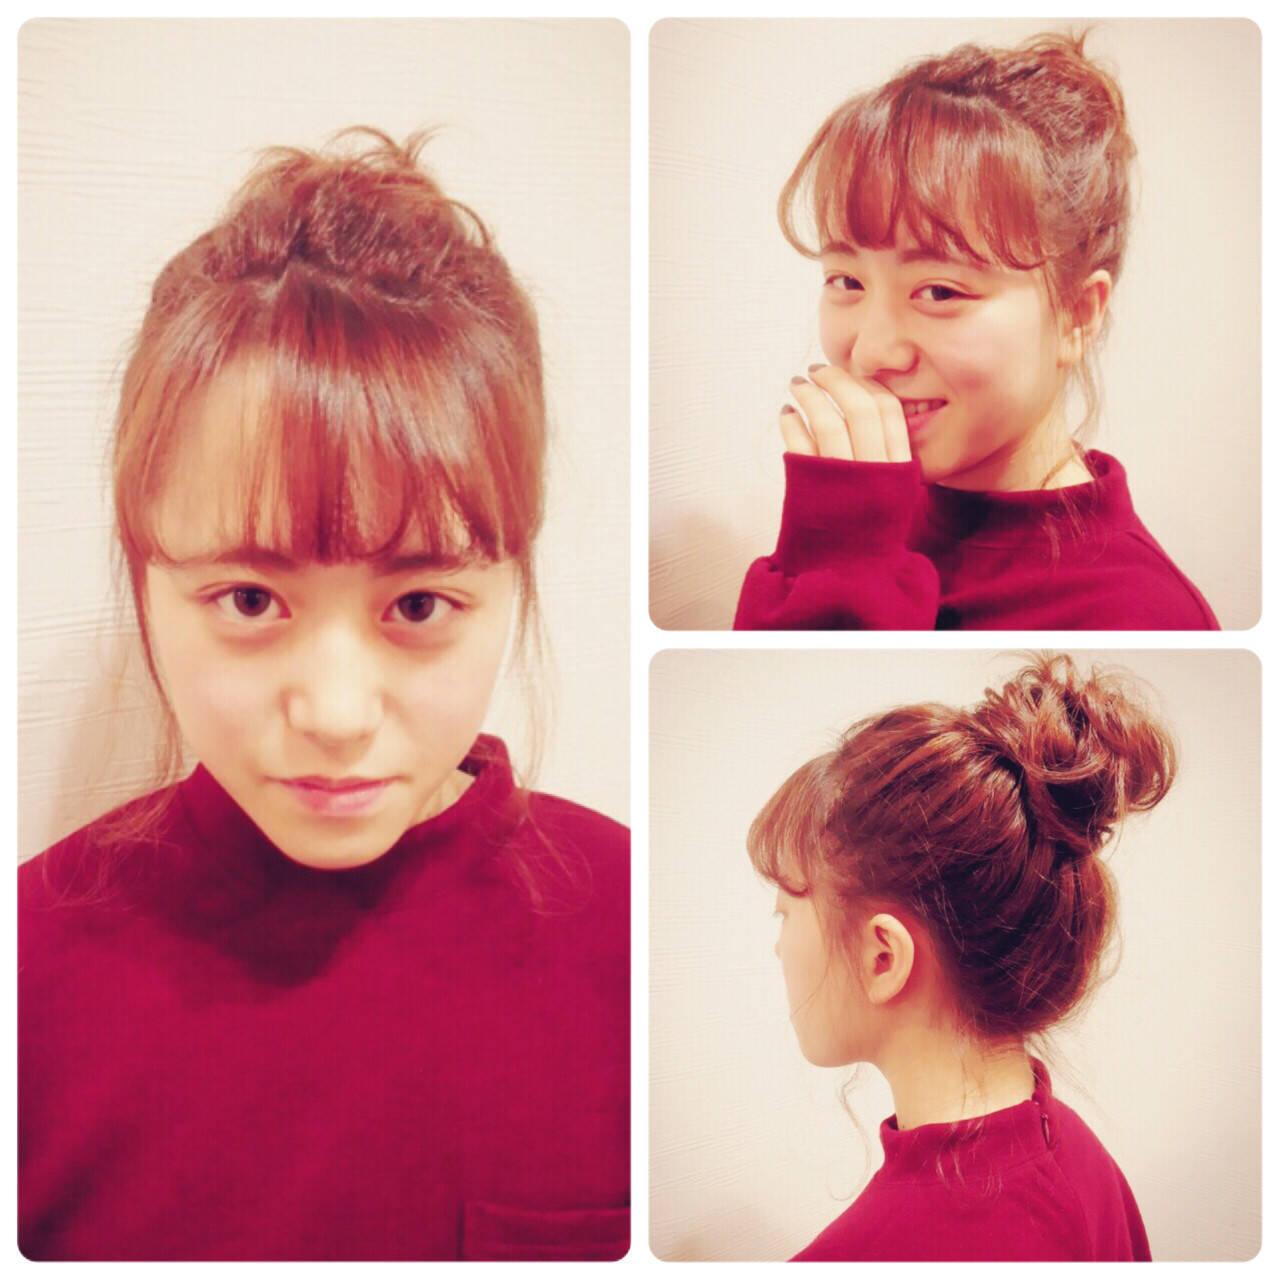 ミディアム お団子 簡単ヘアアレンジ フェミニンヘアスタイルや髪型の写真・画像